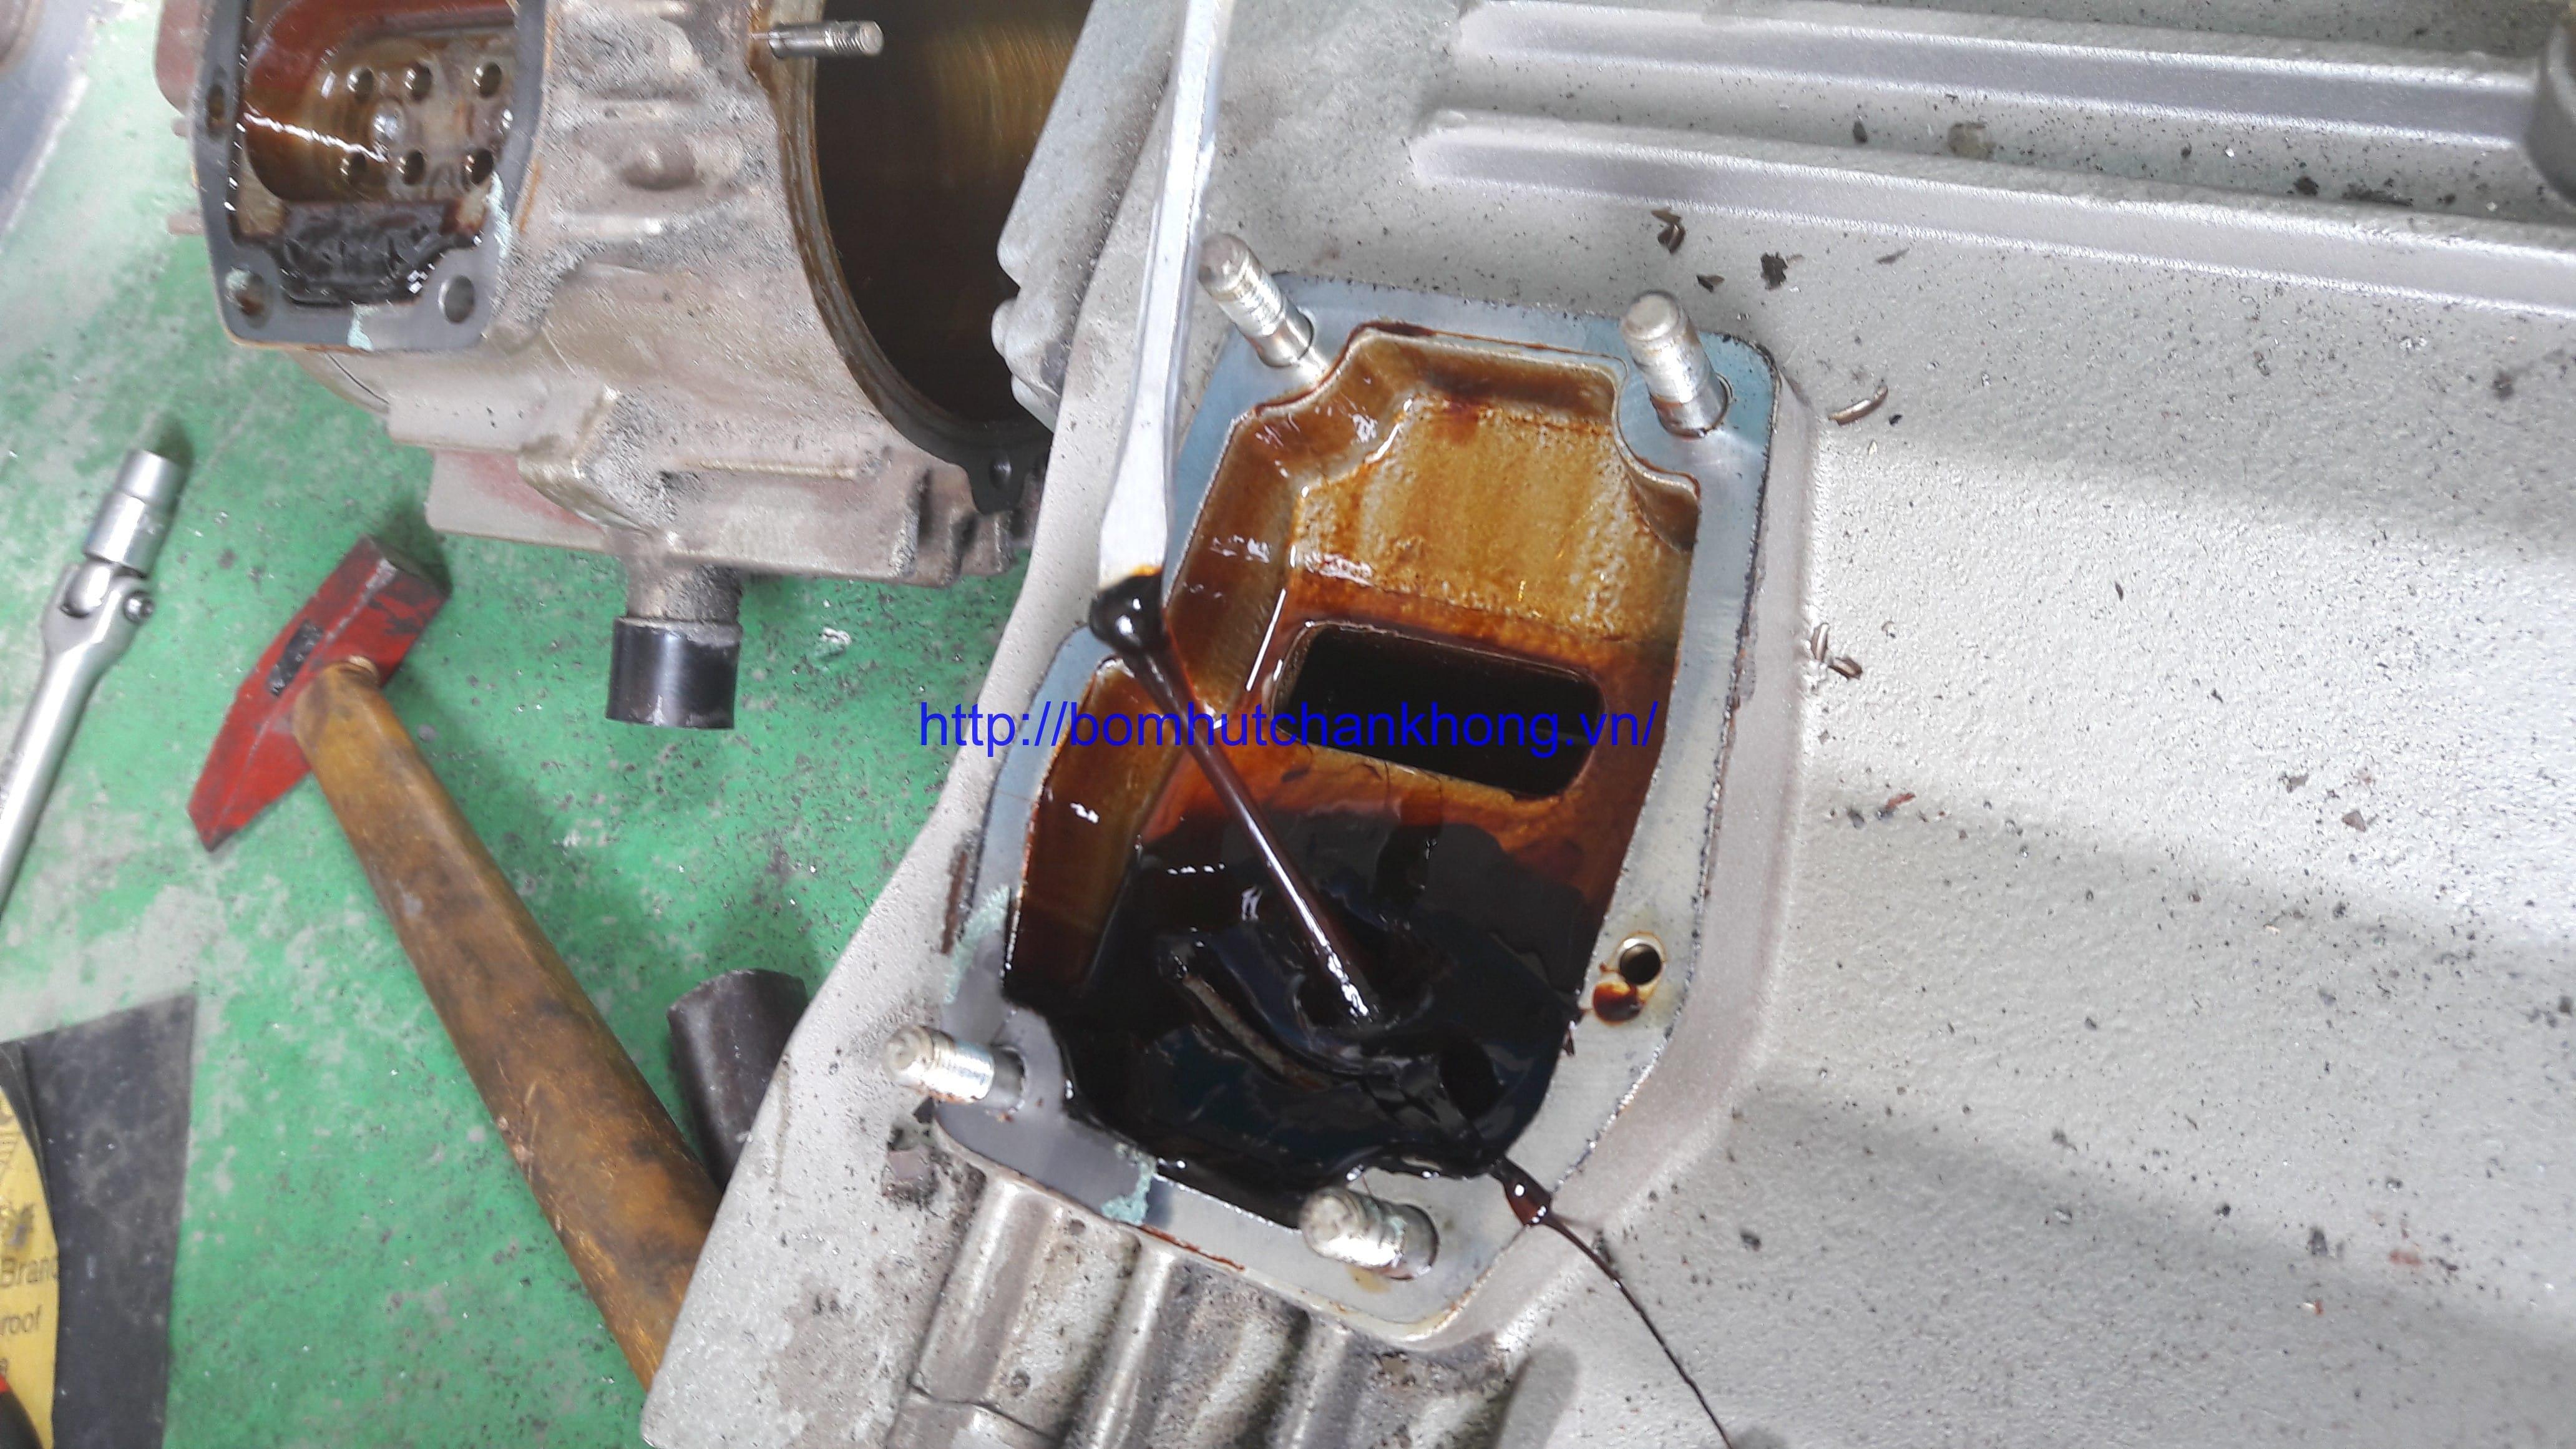 Nguyên nhân và cách sửa bơm hút chân không vòng dầu bị đóng keo dầu